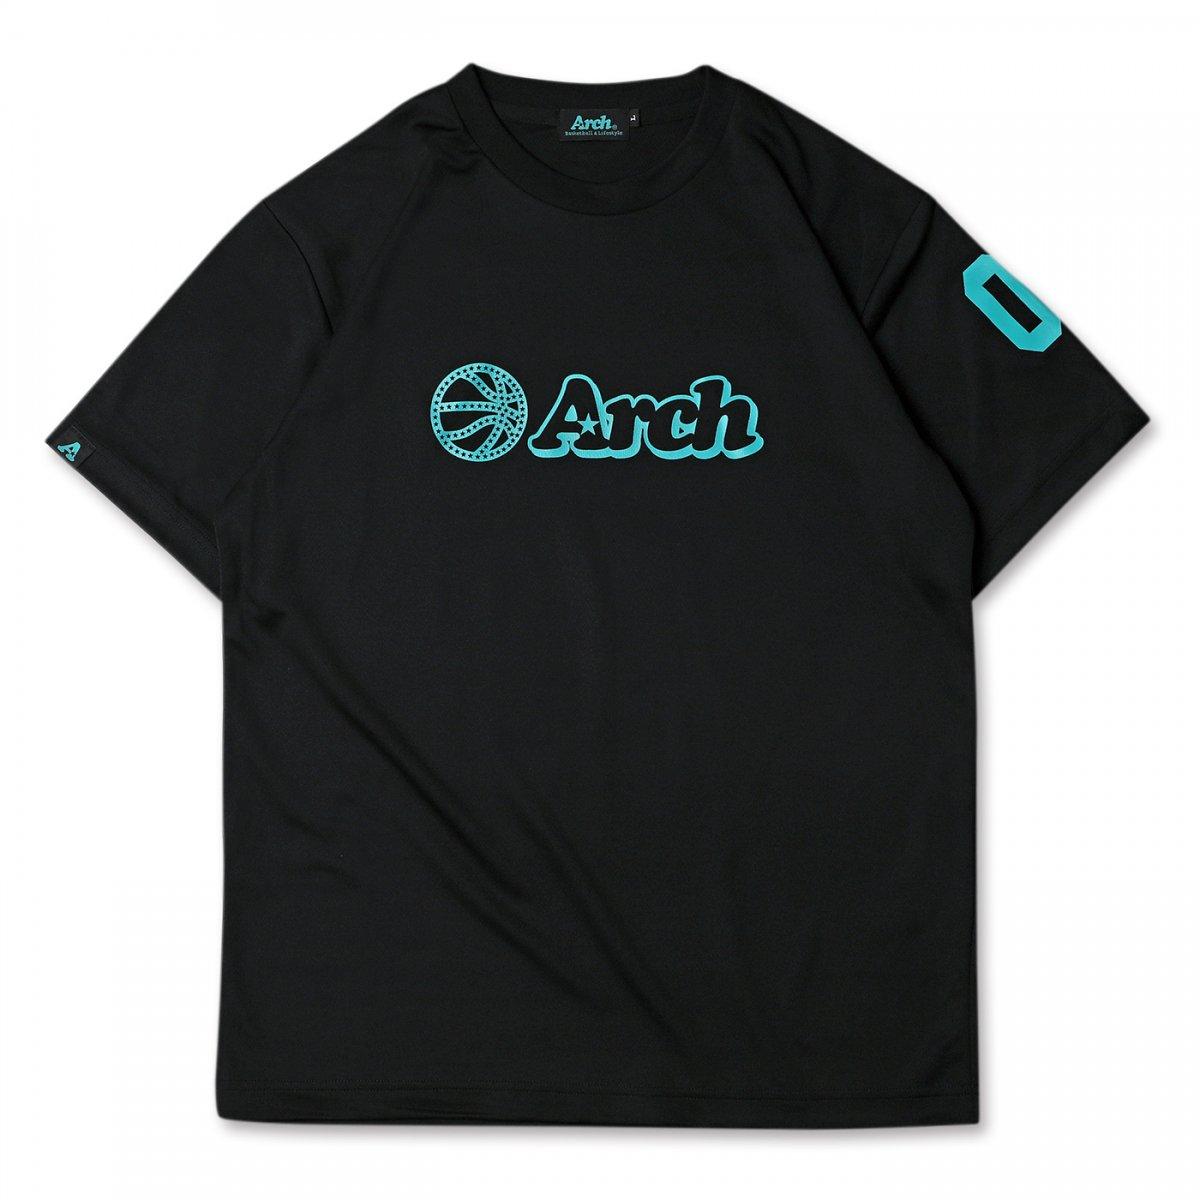 バスケ アーチ ボール ロゴ Tシャツ ブラックターコイズ